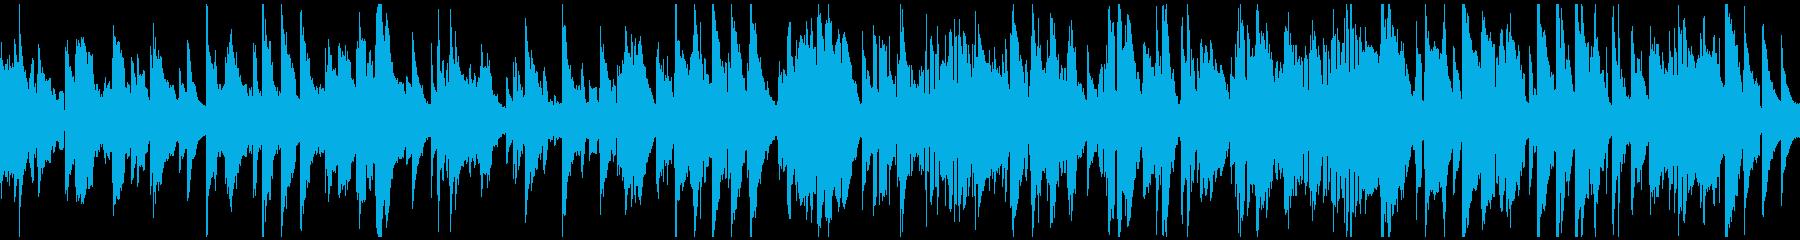 渋いサックスのジャズ・バラード※ループ版の再生済みの波形